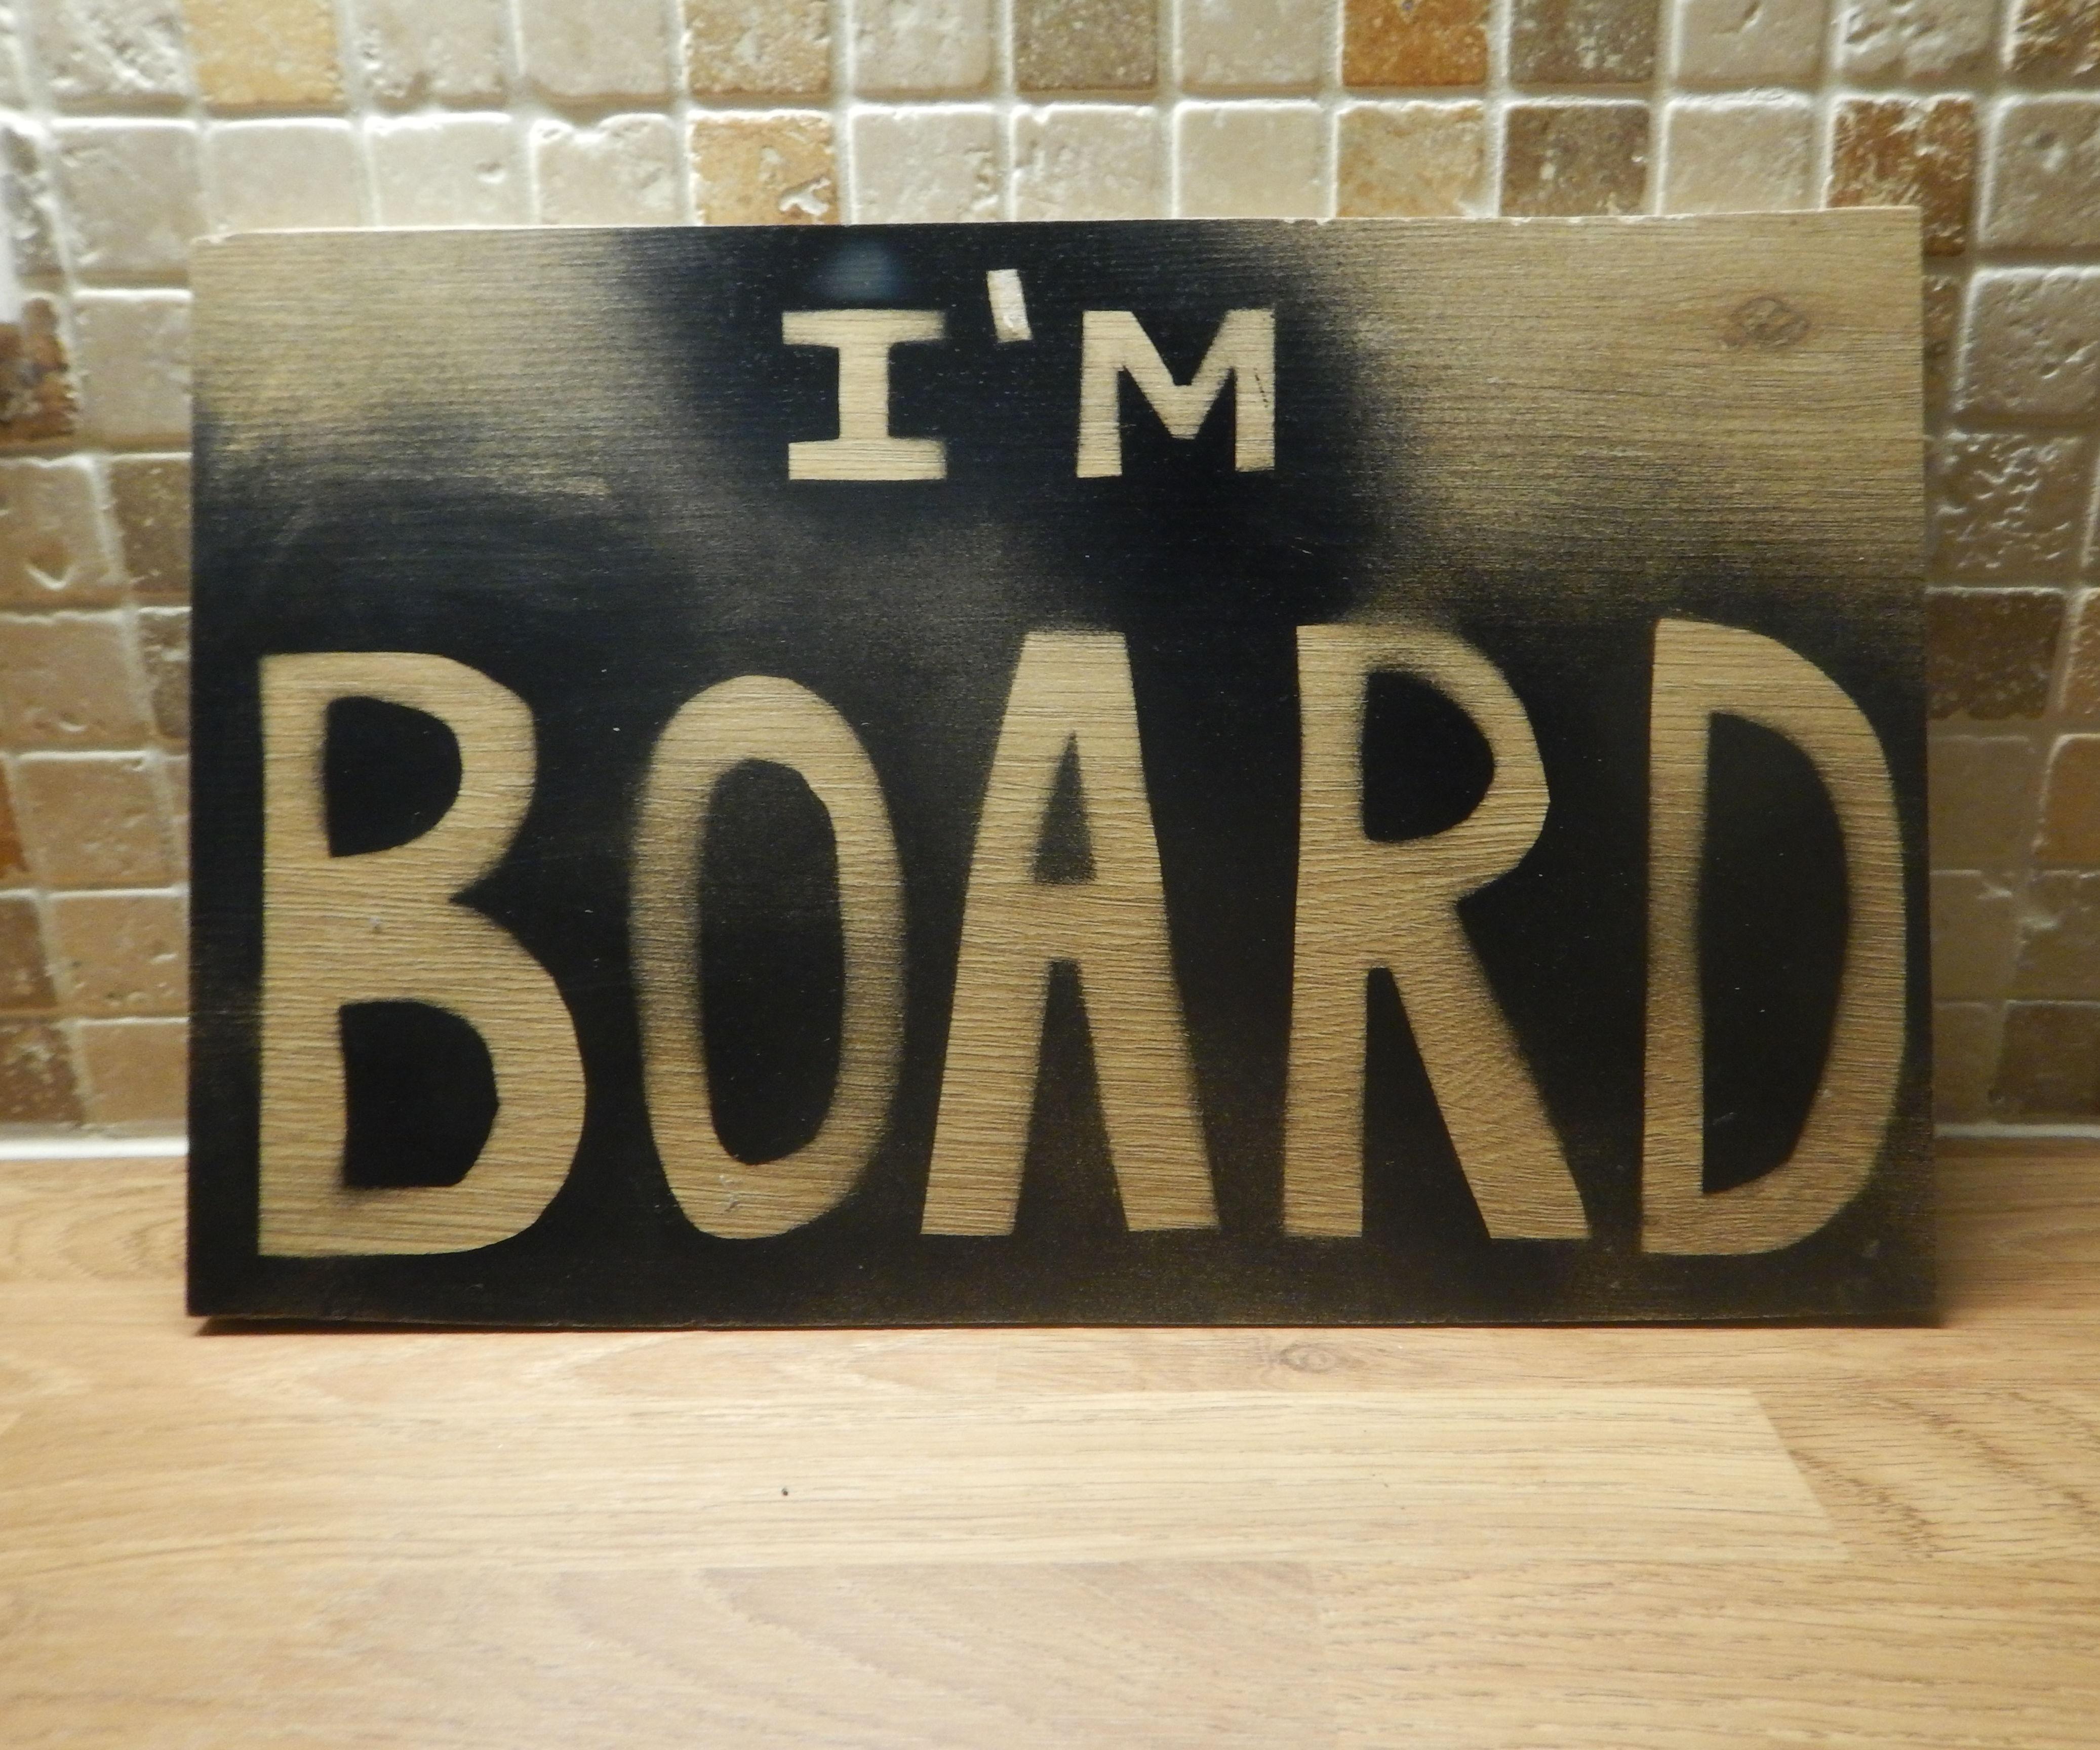 I'm Board